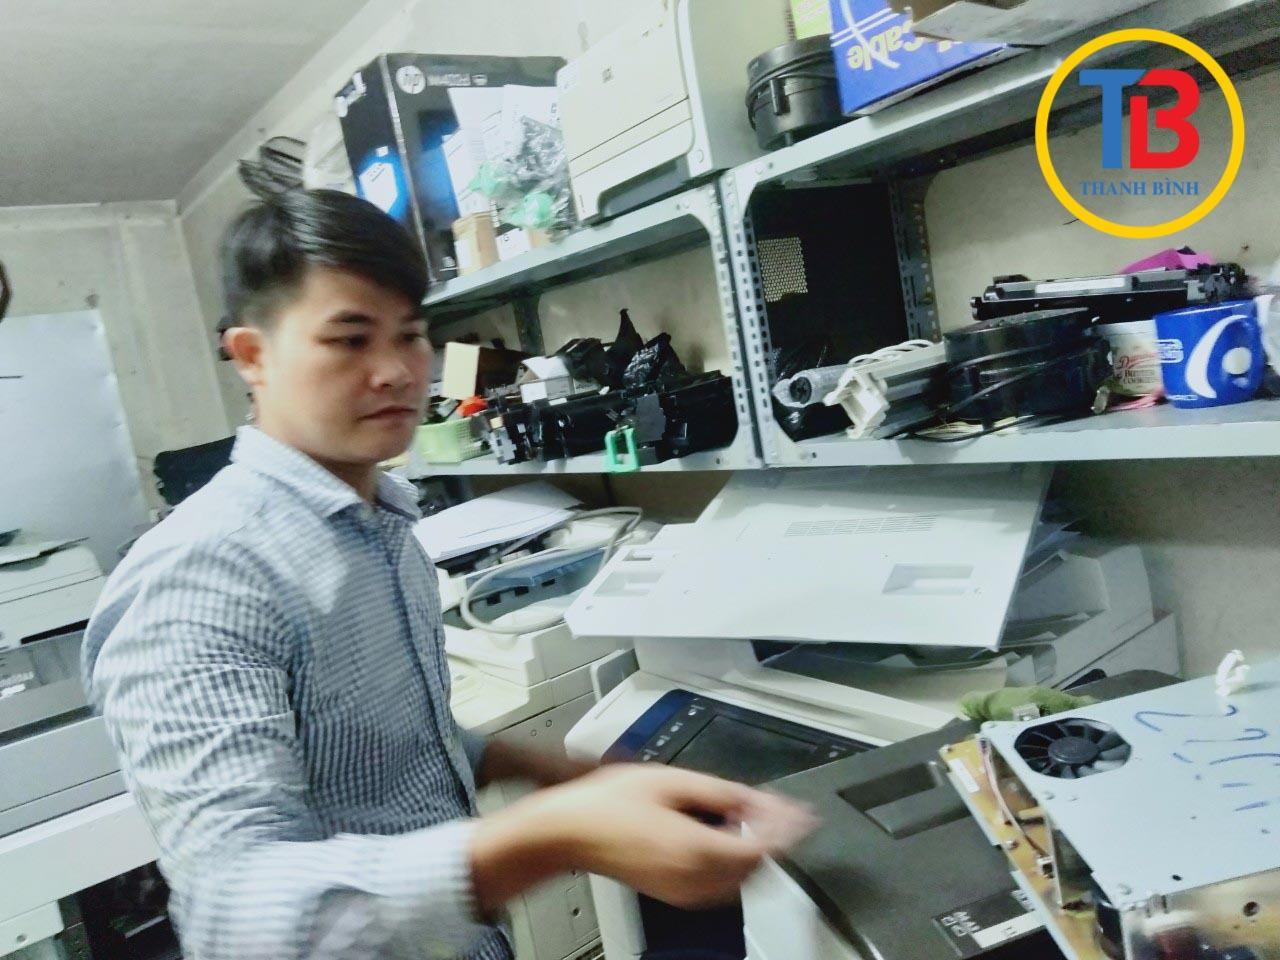 Cho thuê máy photocopy fuji xerox tại Bắc Ninh, Hải Dương, thay mực bán link kiện